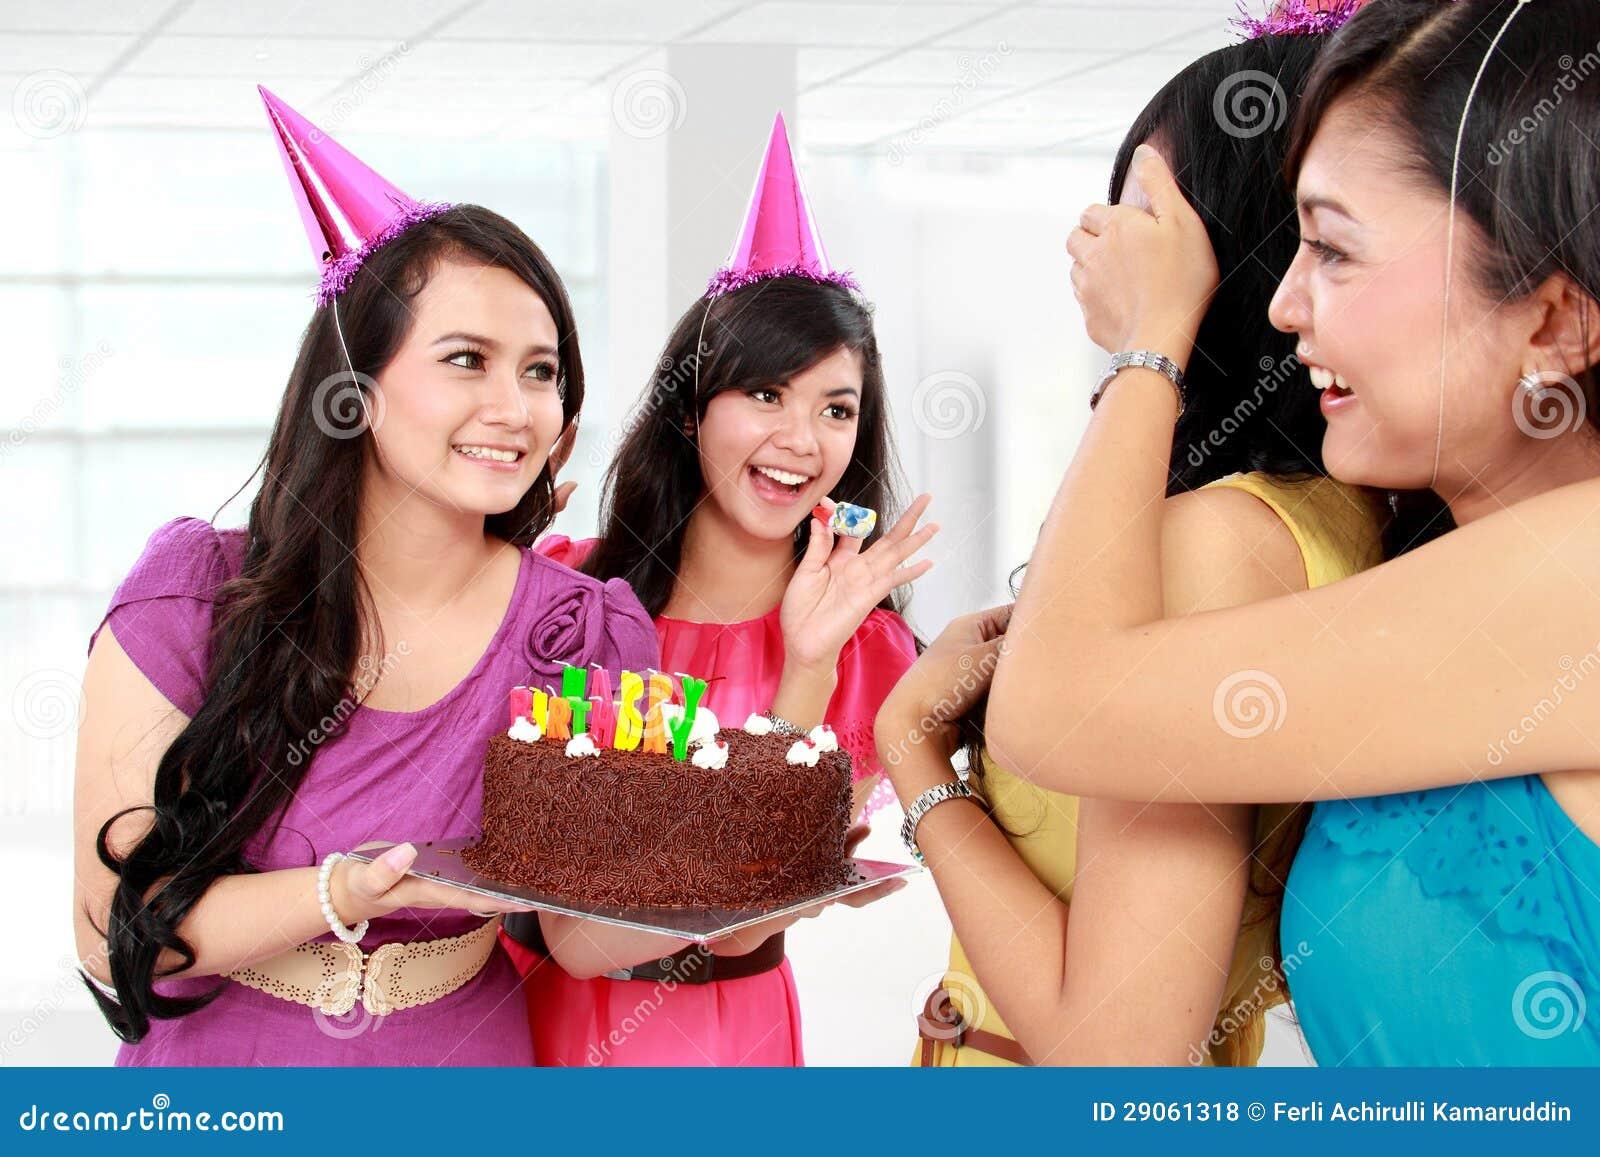 Boyfriend Surprise Birthday Cake